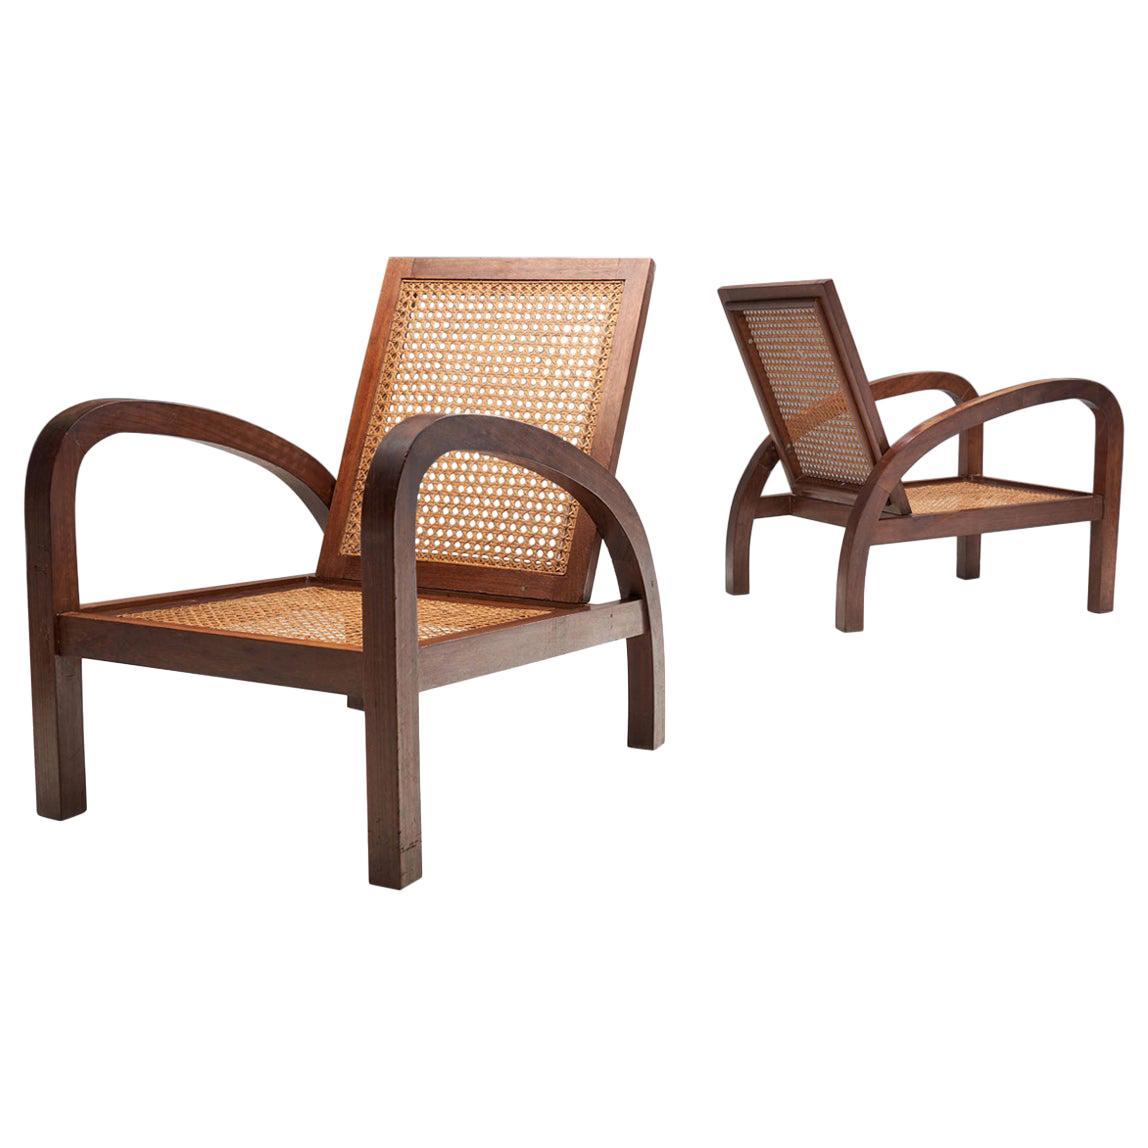 """Pair of """"Fauteuils de Paquebot"""" Chairs, France, 1950s"""